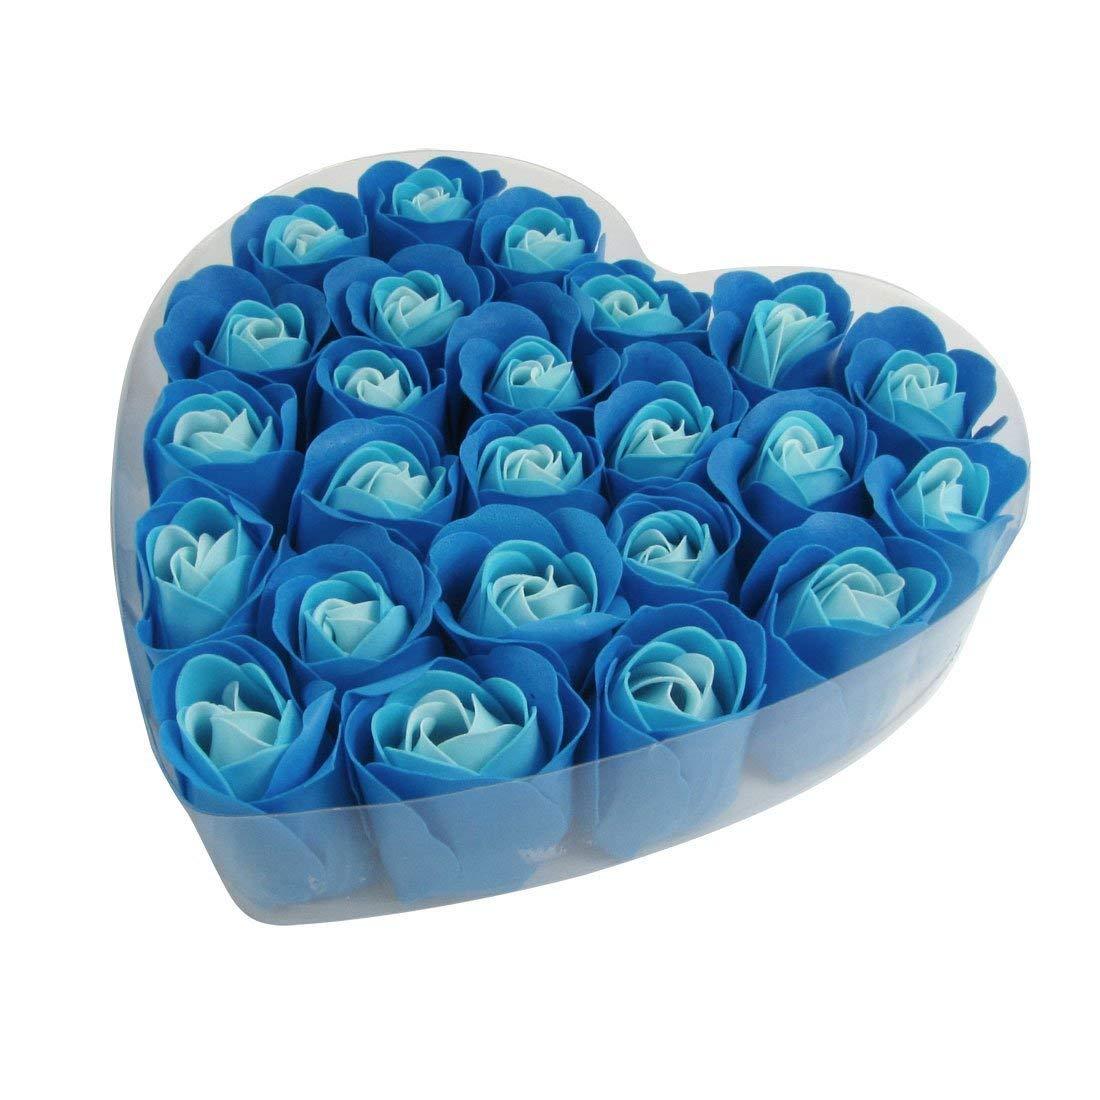 Jabon baño petalos rosas